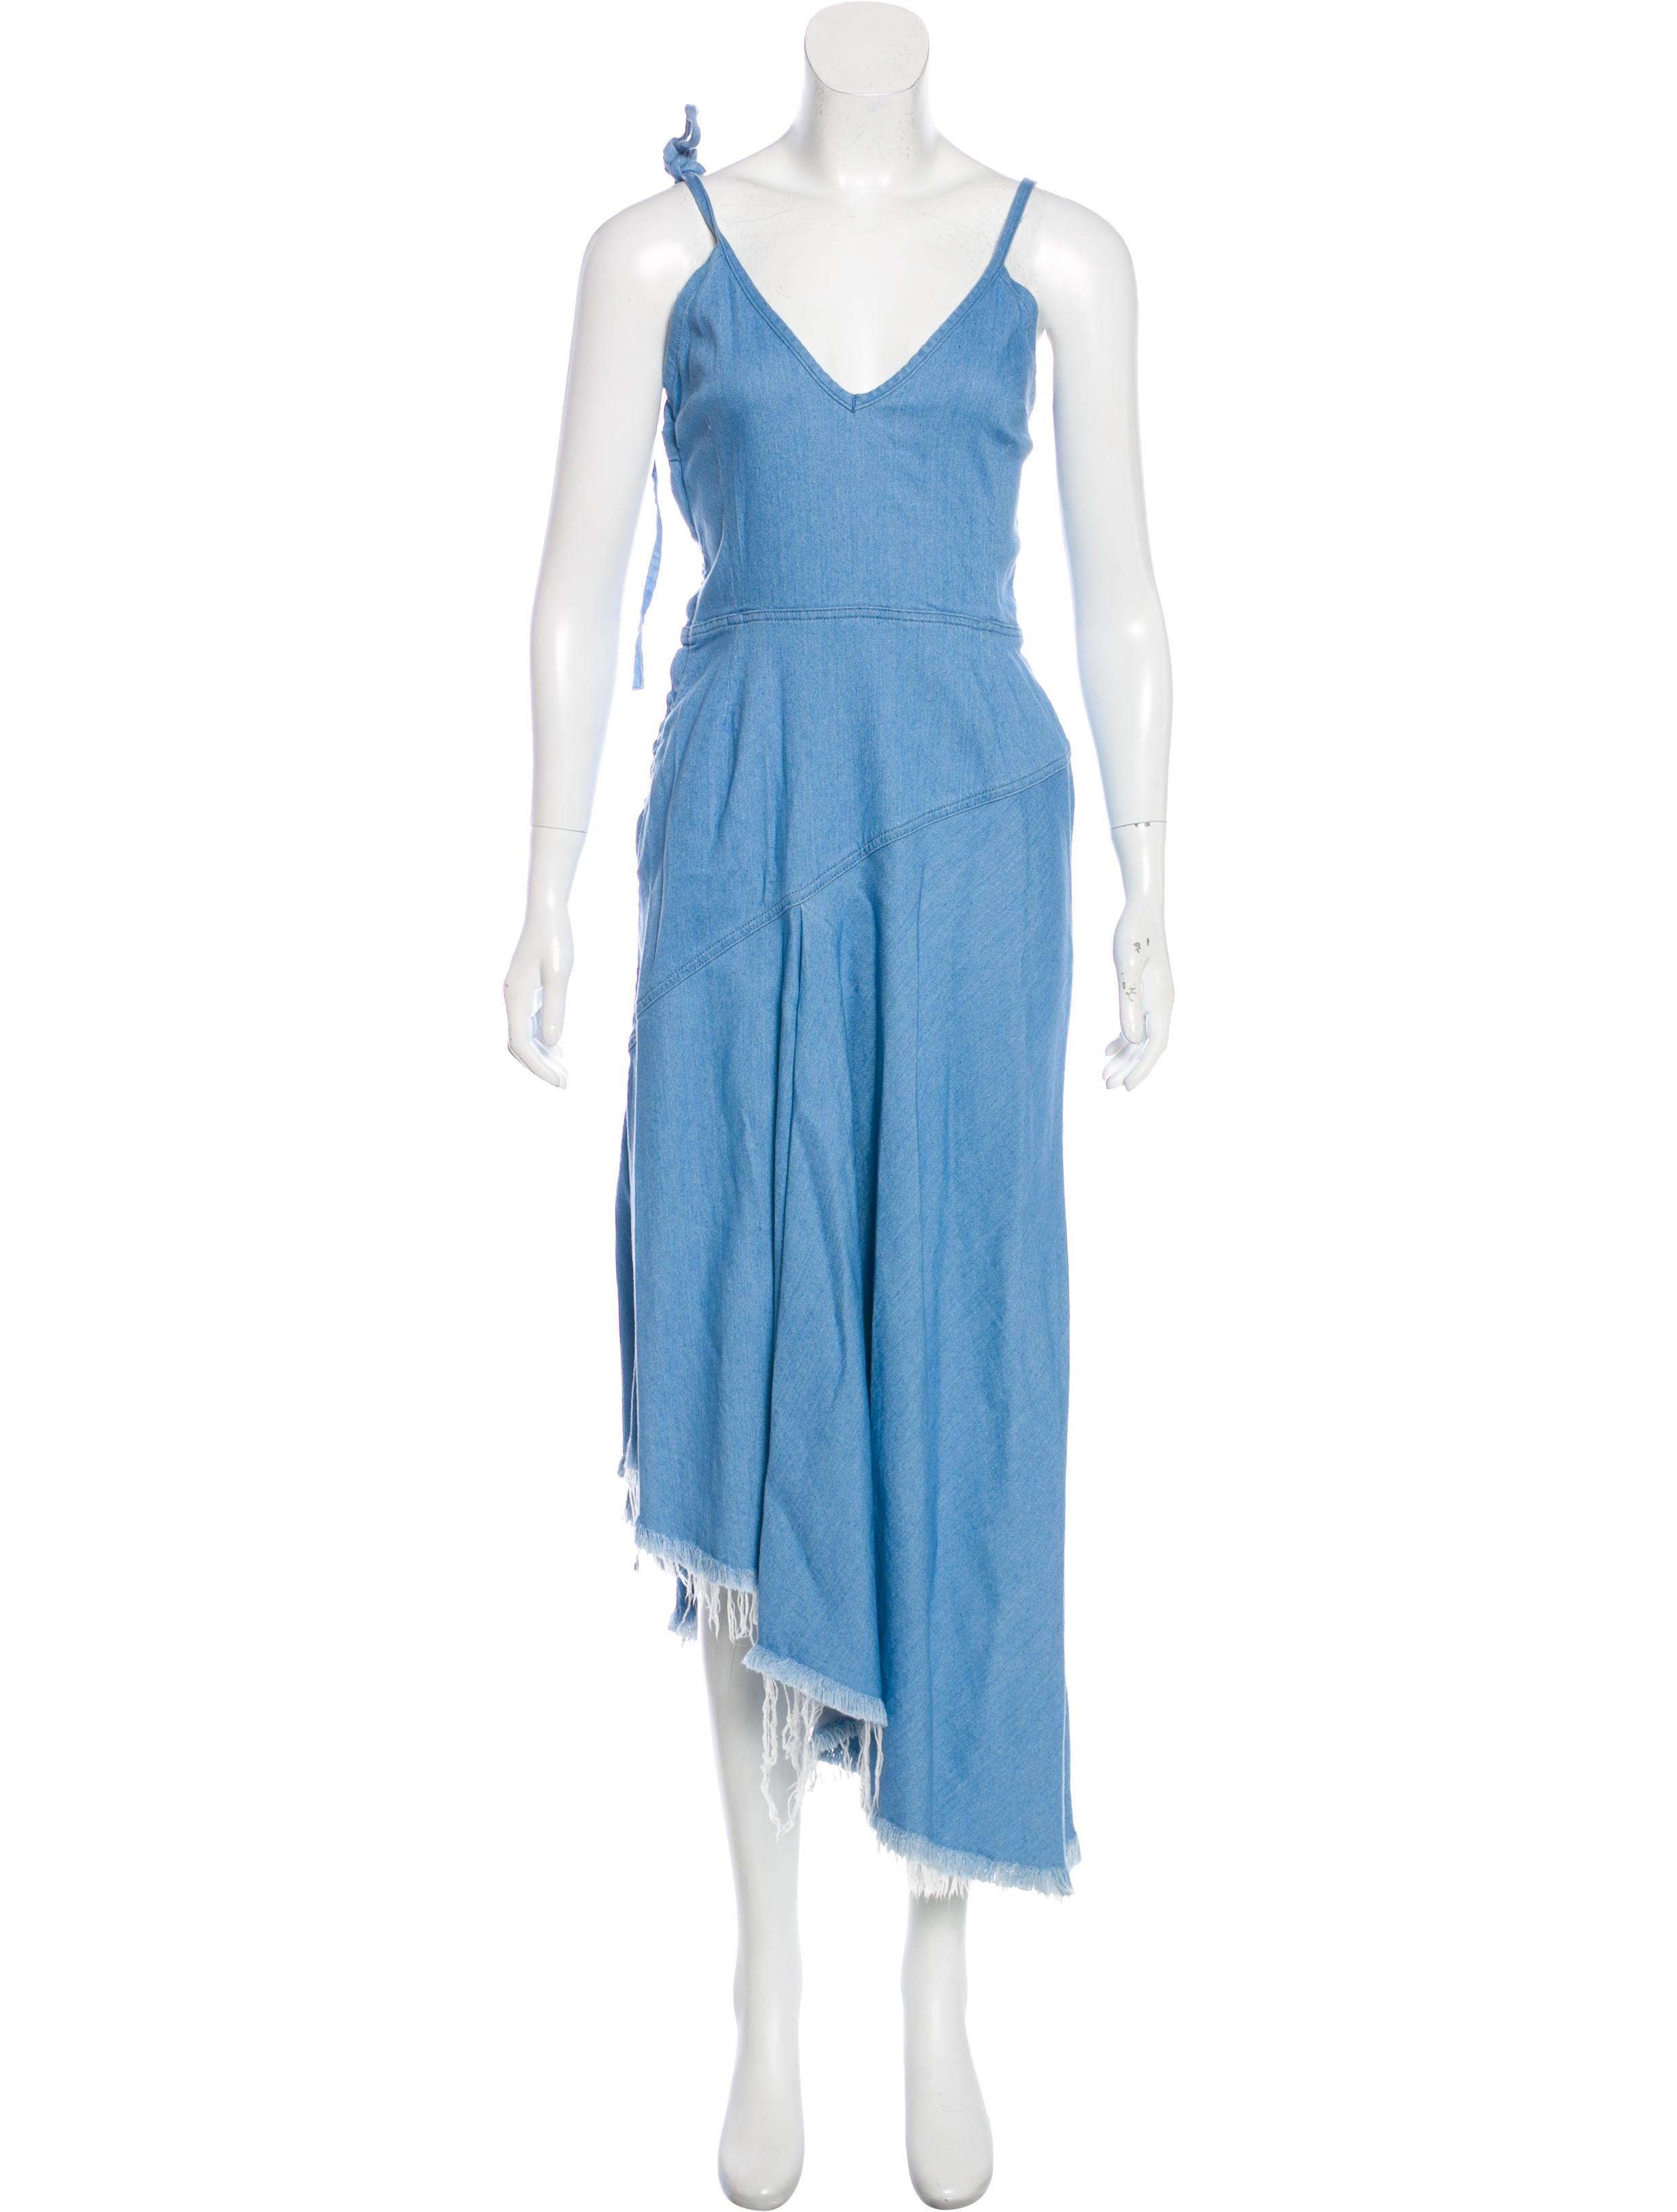 a88eef86dba Marques  Almeida Denim Maxi Dress w  Tags - Clothing - WMARQ20661 ...